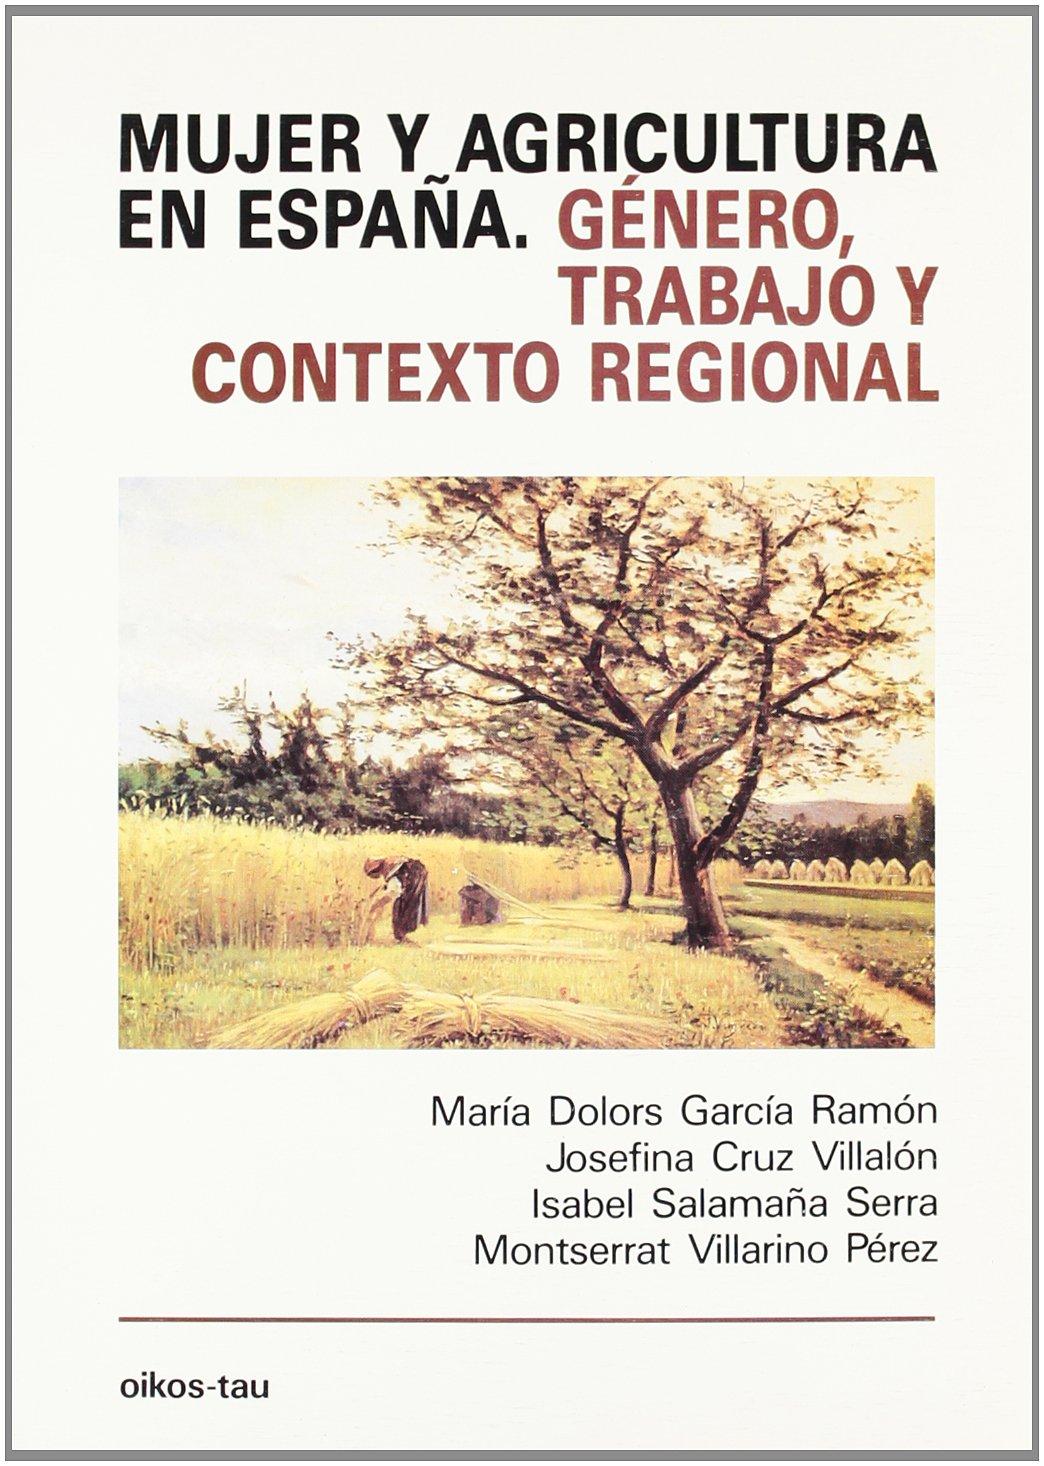 MUJER Y AGRICULTURA EN ESPAÑA GENERO TRABAJO: Amazon.es: Cruz, Josefina: Libros